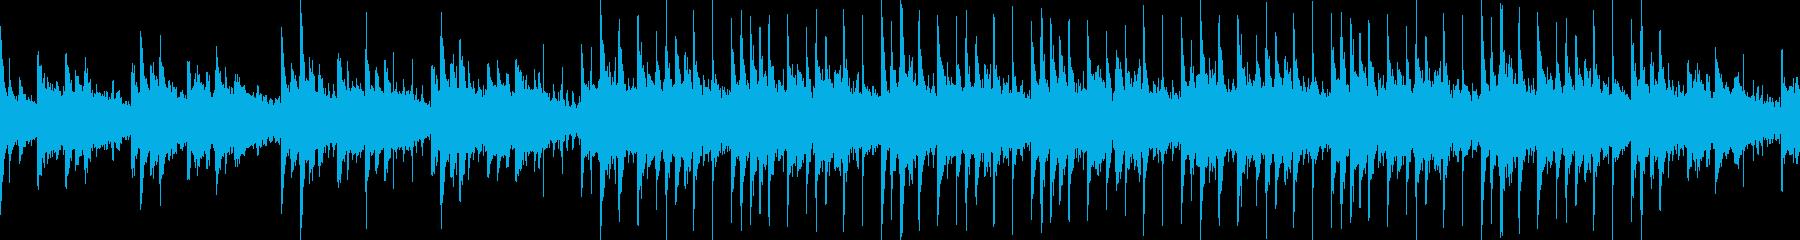 [Loop] 浮遊感のあるメロウポップスの再生済みの波形